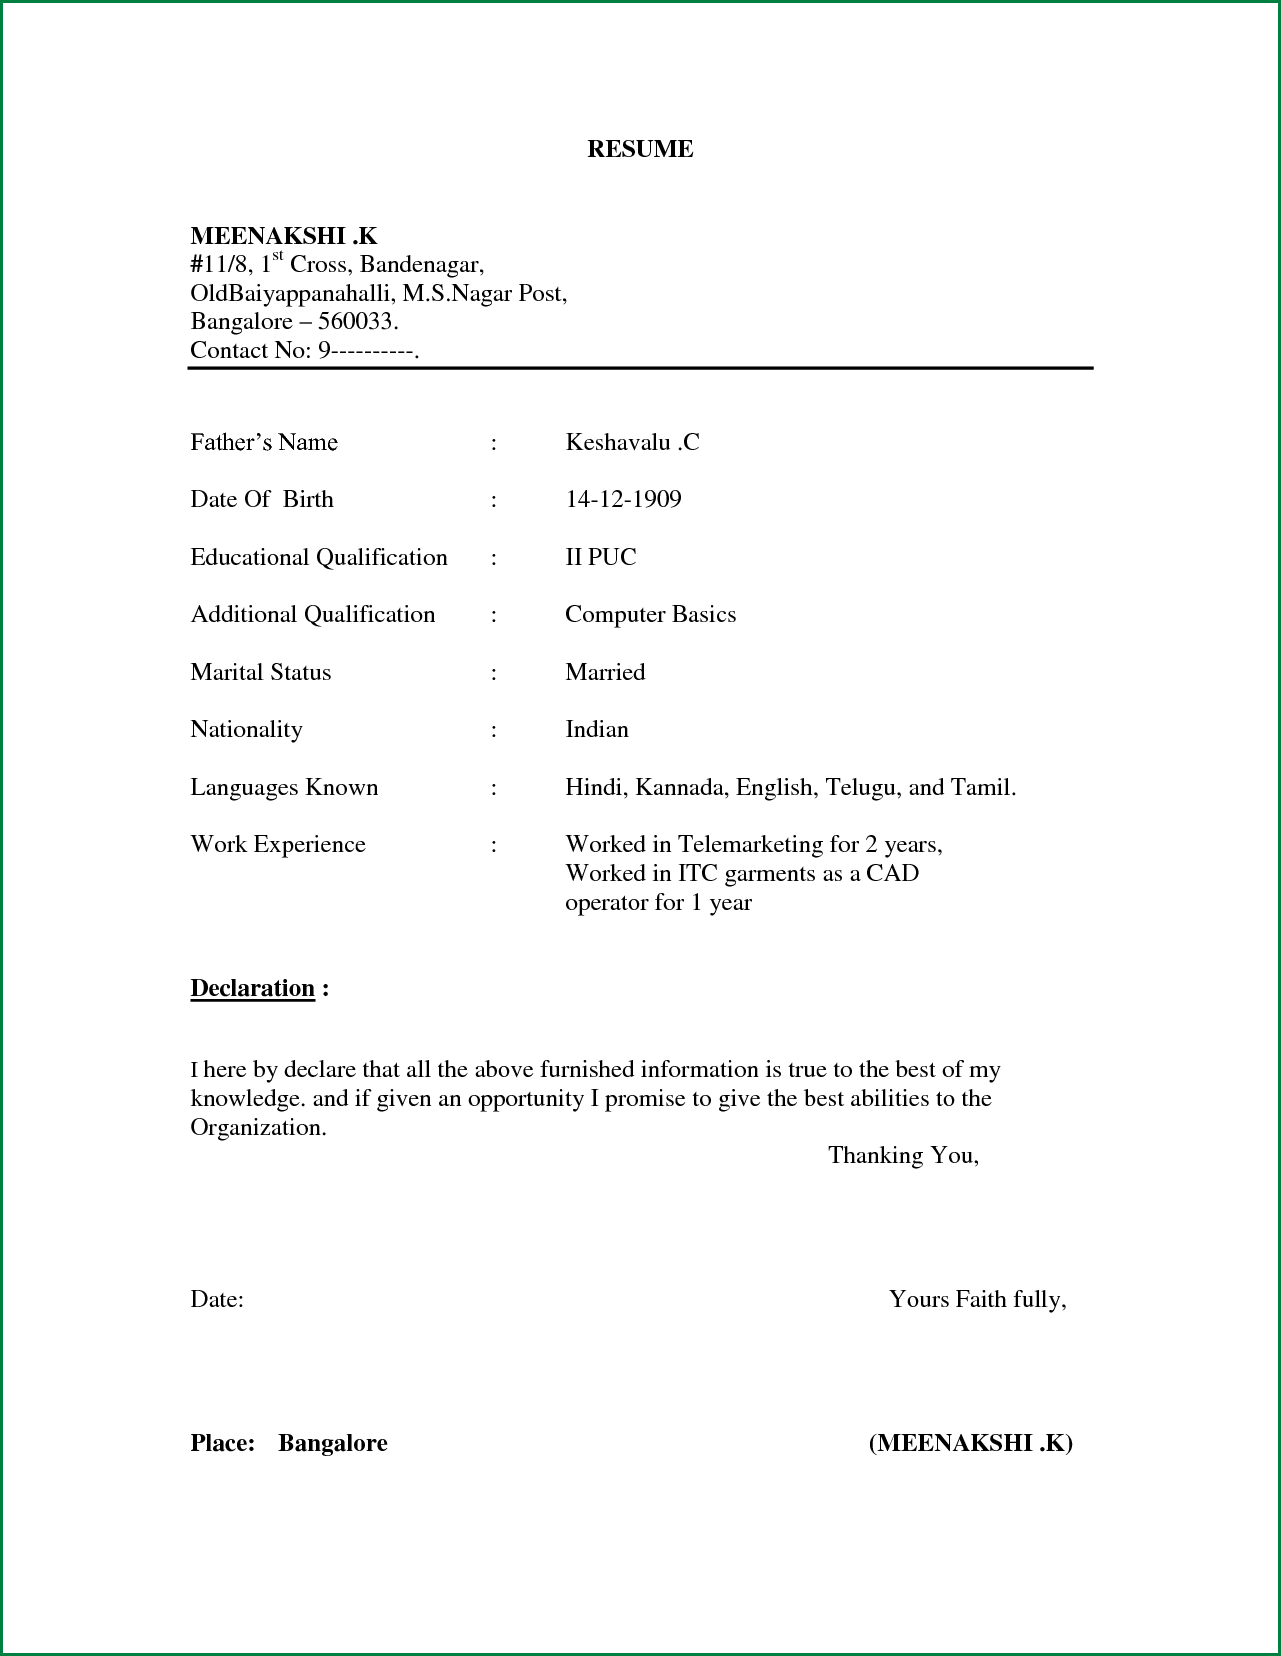 Resume Format Basic Basic Format Resume Resumeformat Resume Format Download Basic Resume Format Basic Resume